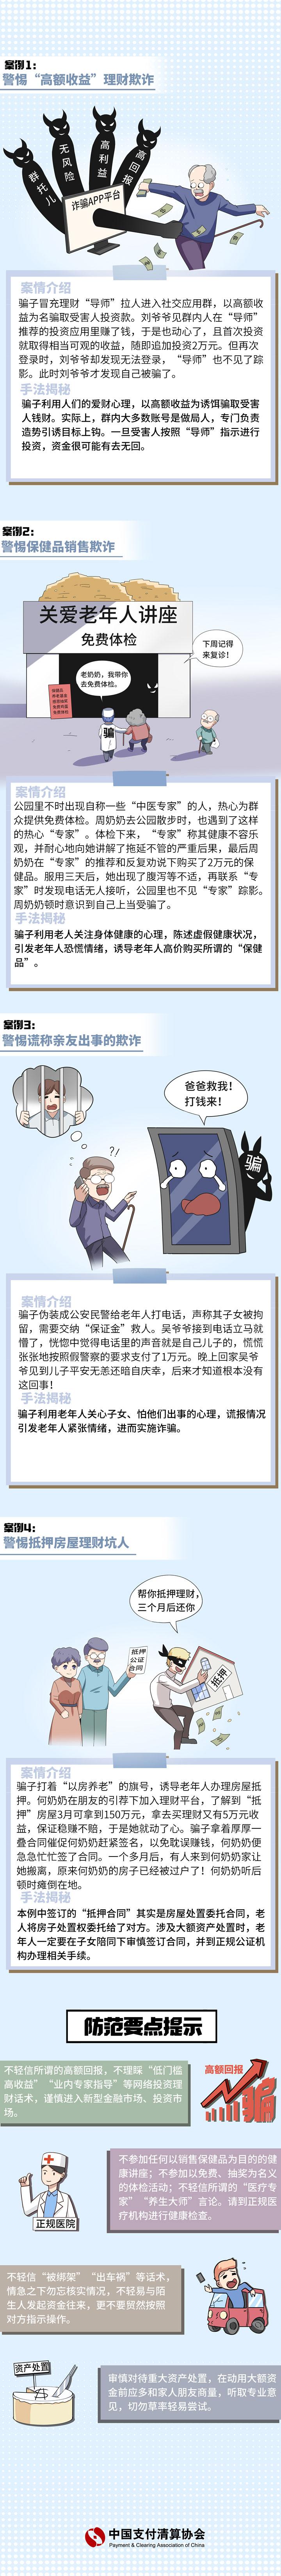 【正文】老年人防范欺诈案例